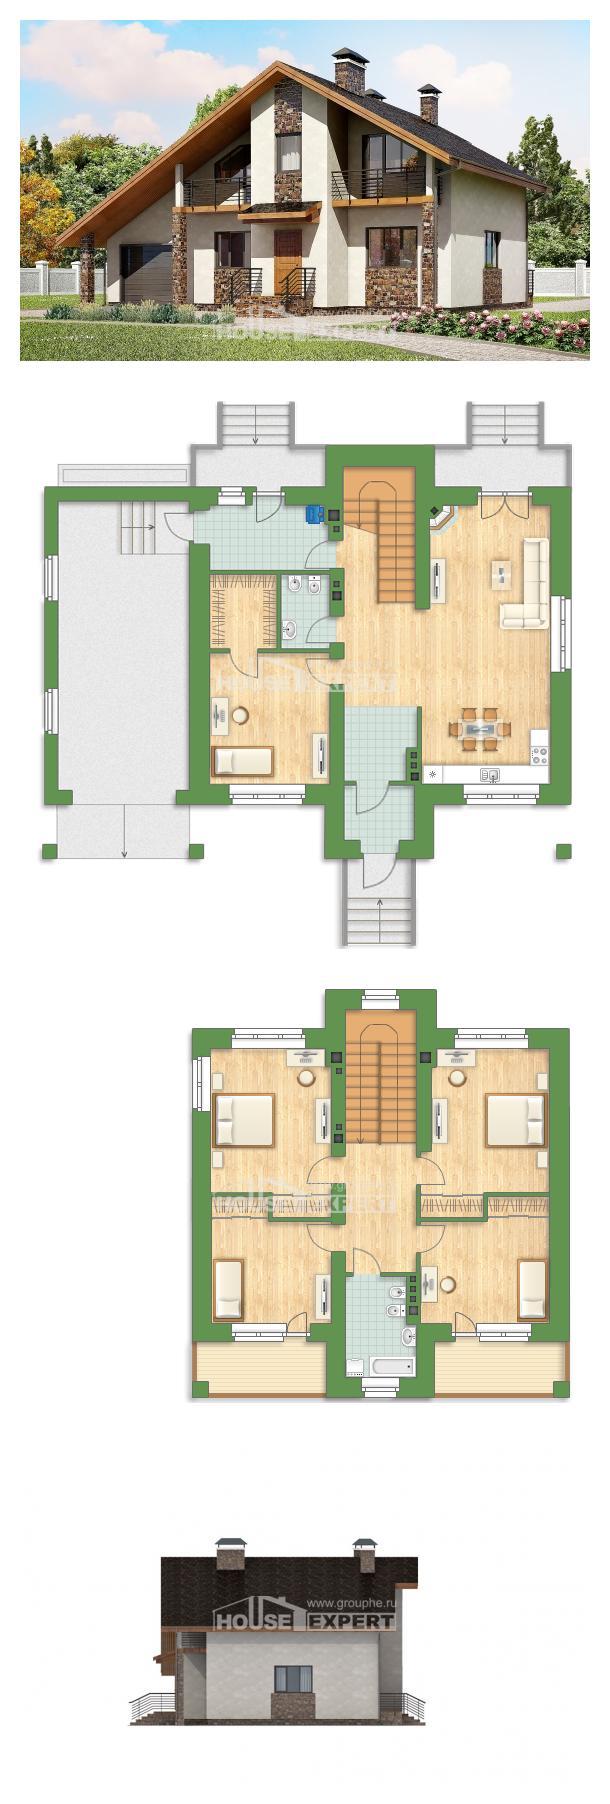 Plan 180-008-L | House Expert